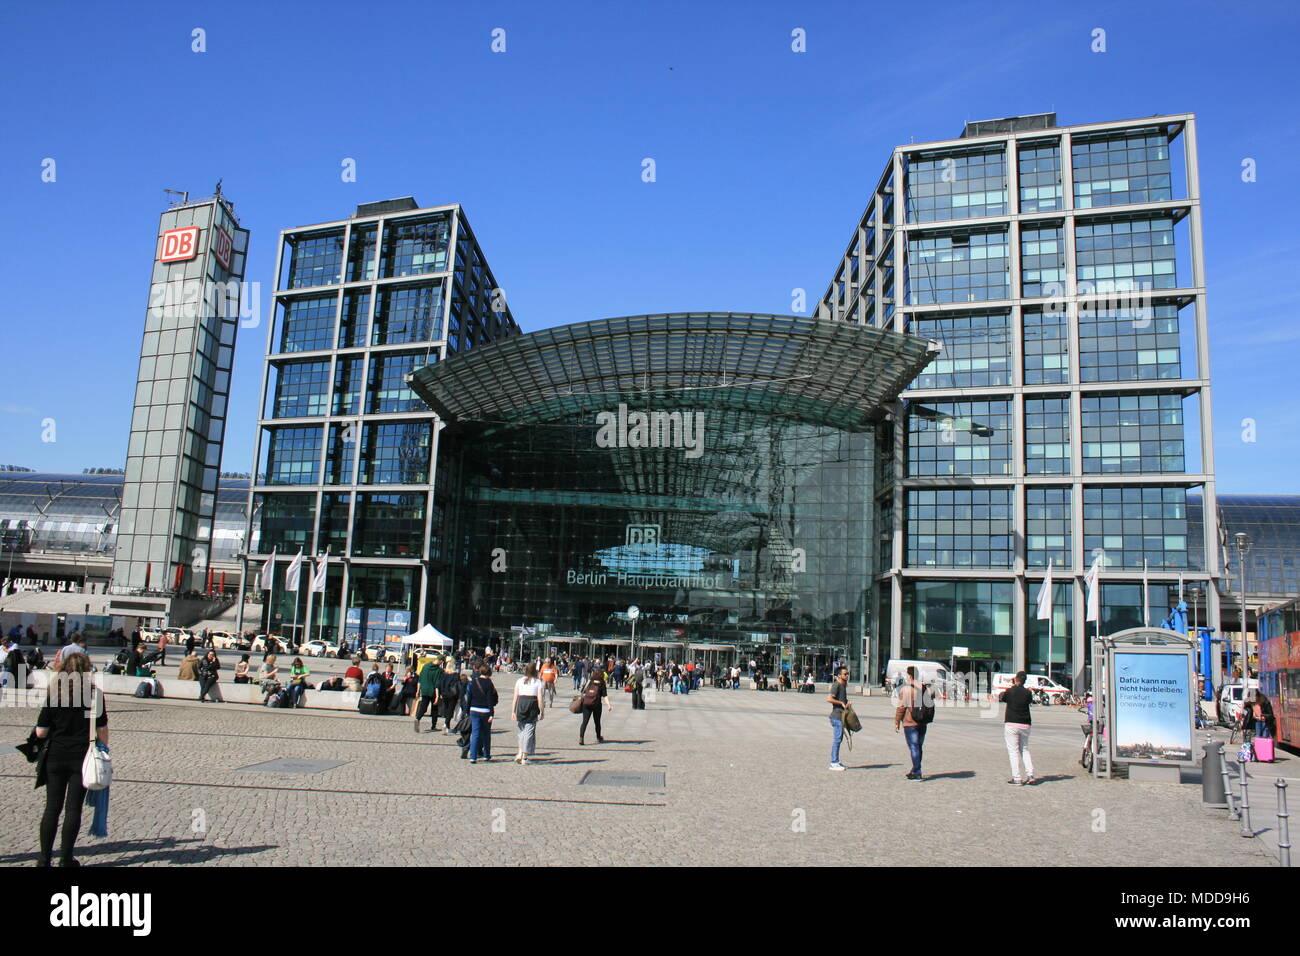 Hauptbahnhof in Berlin - Stock Image